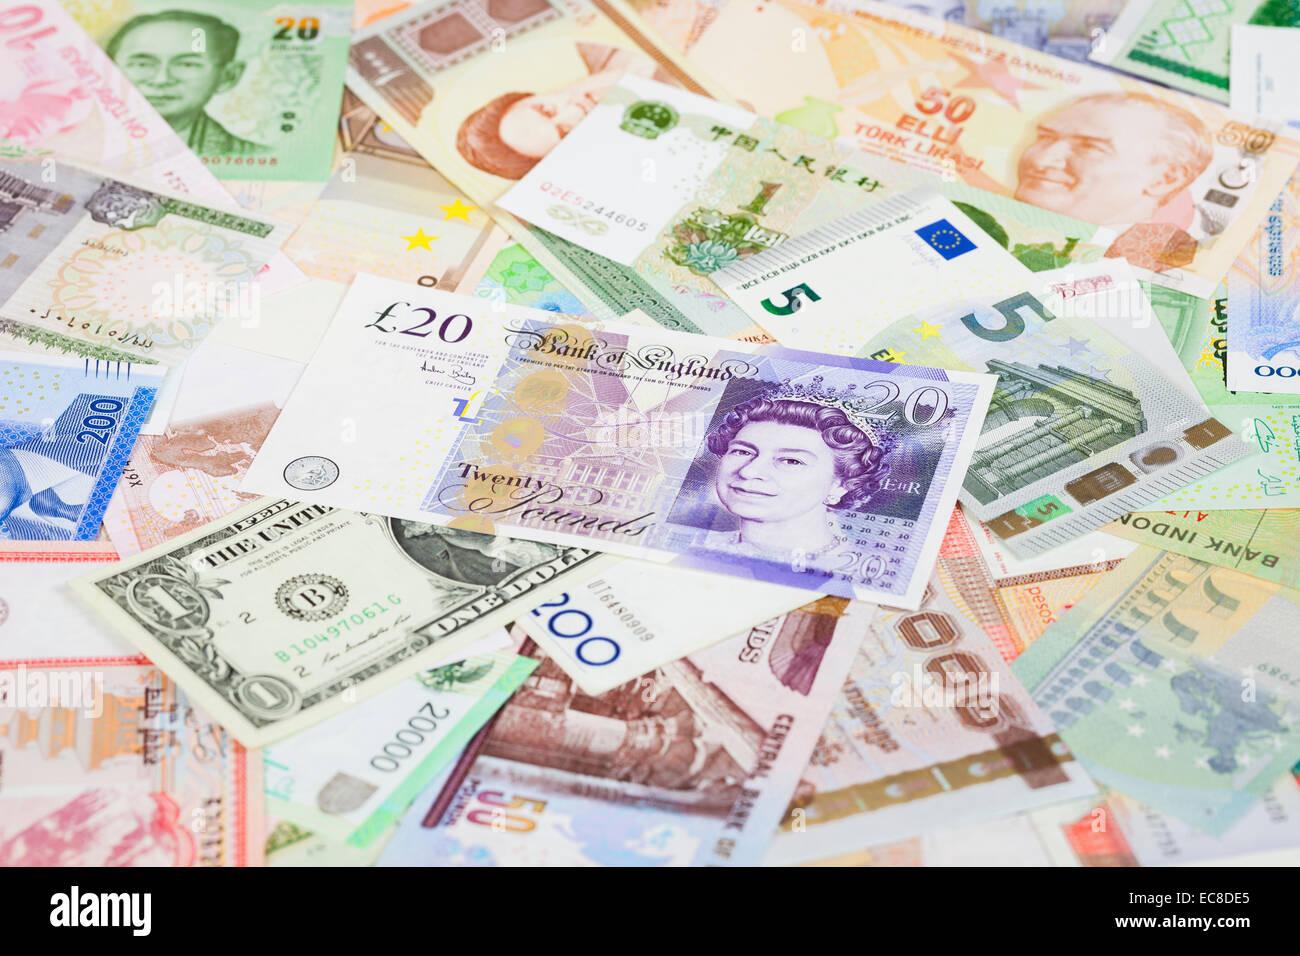 Billets en monnaie internationale, l'accent sur la livre sterling Photo Stock